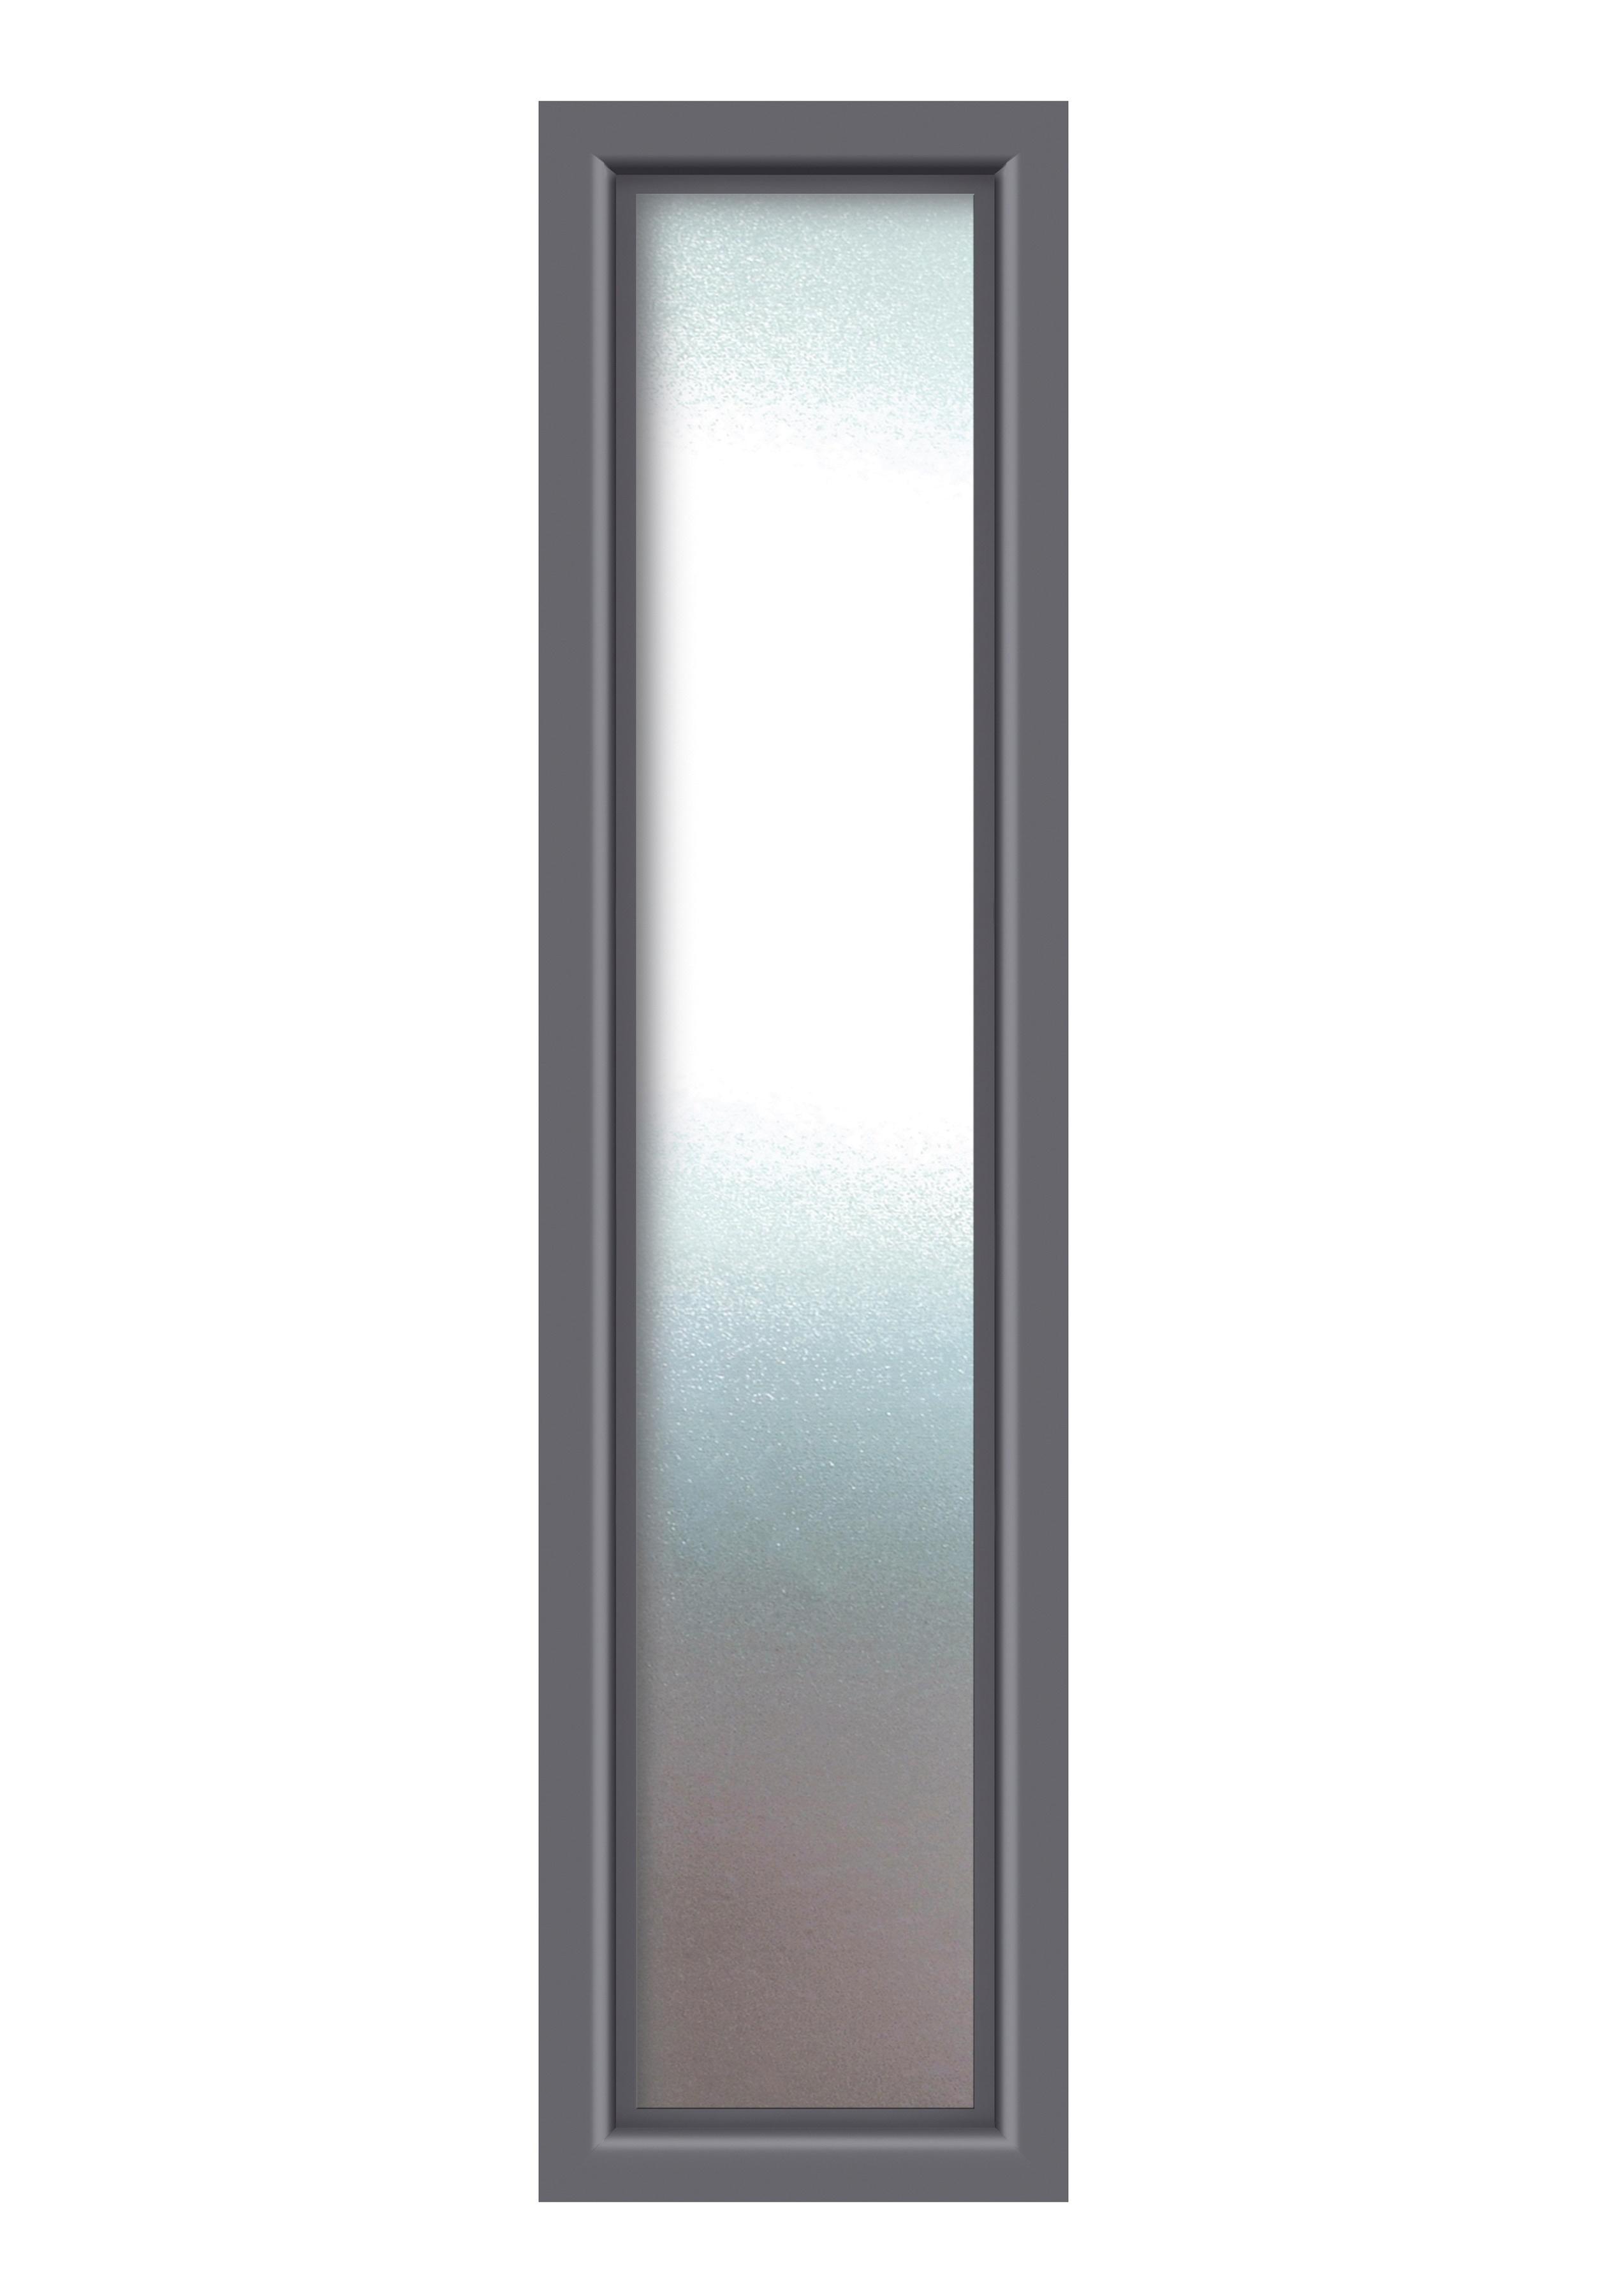 KM MEETH ZAUN GMBH Seitenteile »S01«, für Alu-Haustür, BxH: 60x208 cm,  anthrazit bestellen | BAUR